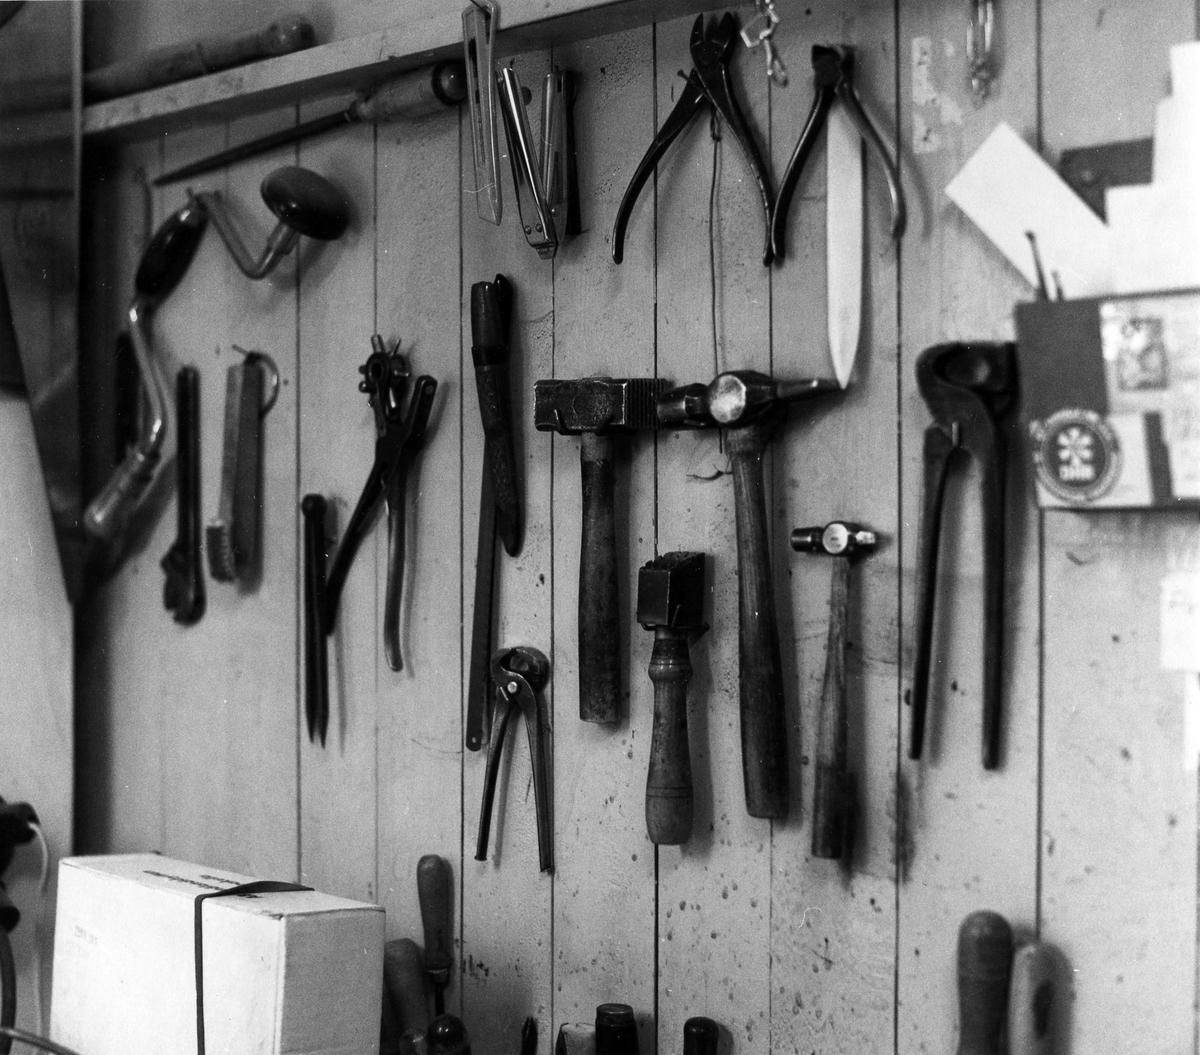 Bild på en vägg i bokbindarverkstaden. På väggen hänger diverse bokbindarverktyg. Åke Georgson (f 1910) började som bokbindare i kvarteret Gustaf 1 1932. Flyttade då fastigheten revs 1967 till en lokal vid Torggatan 7. Verksamheten nedlades i september 1982.